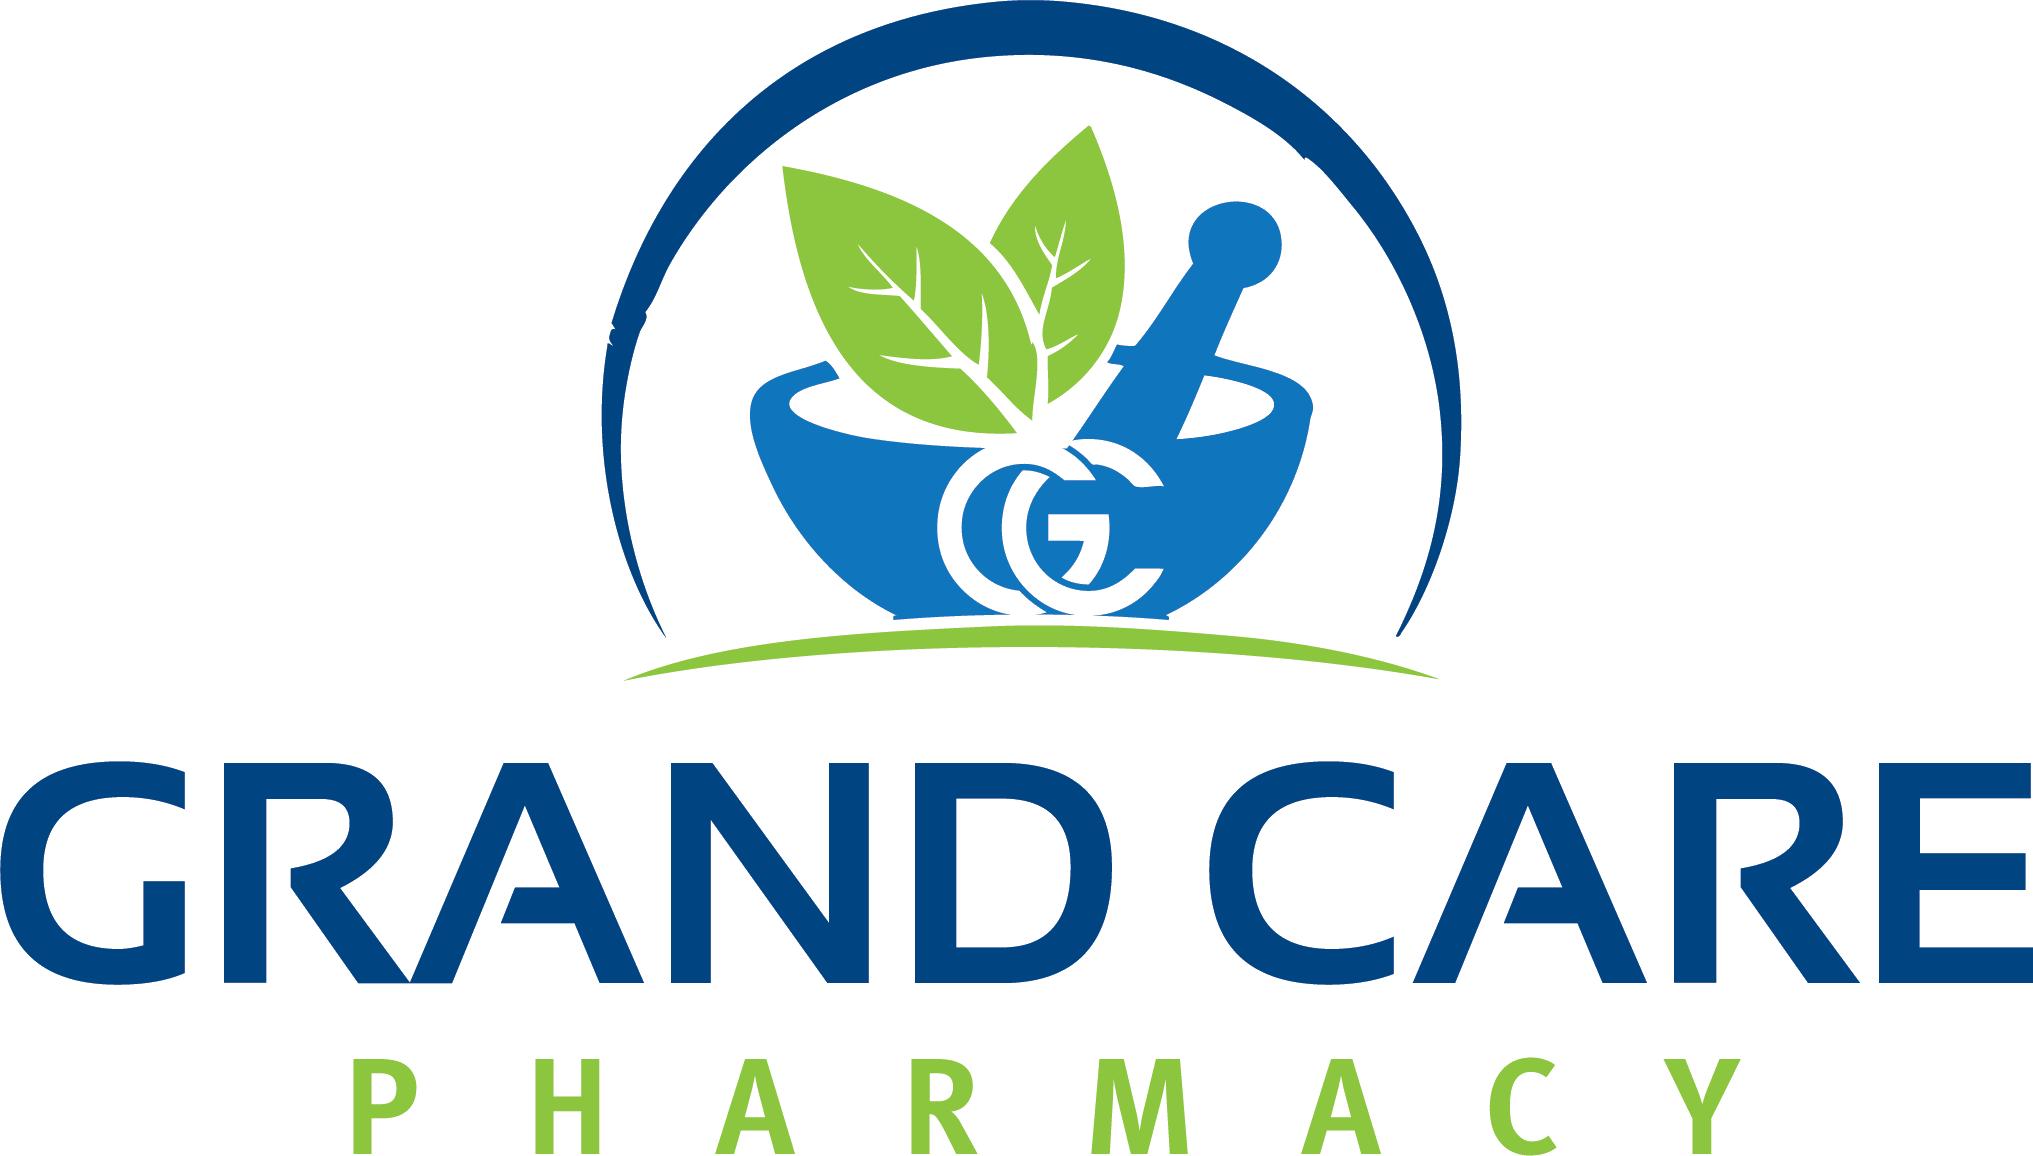 Grand Care Pharmacy NY